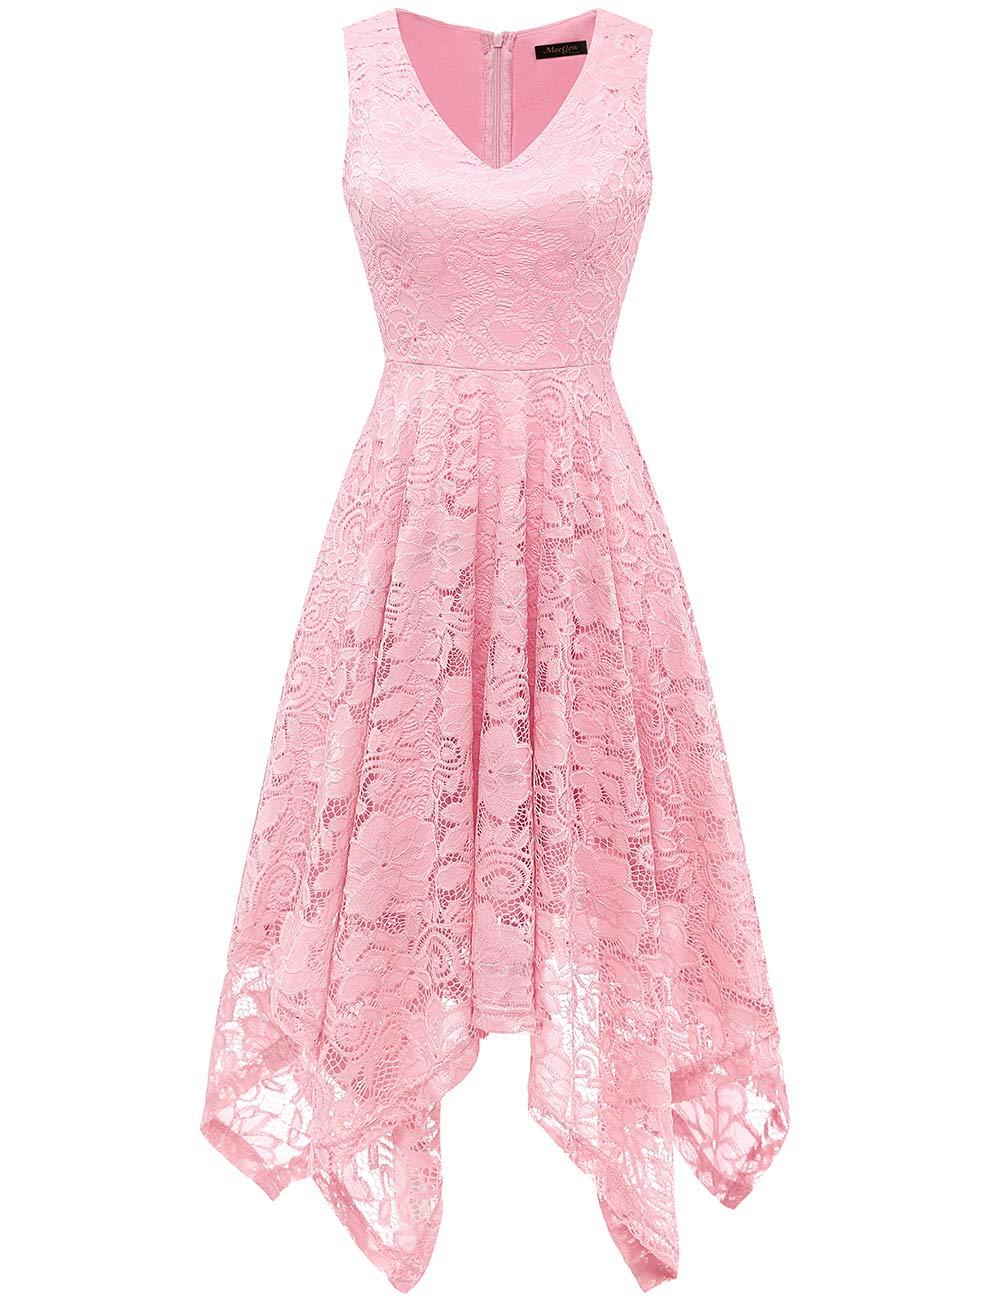 Meetjen Women's Vintage Floral Lace Dress Handkerchief Hem Asymmetrical Cocktail Formal Swing Dress Pink XL